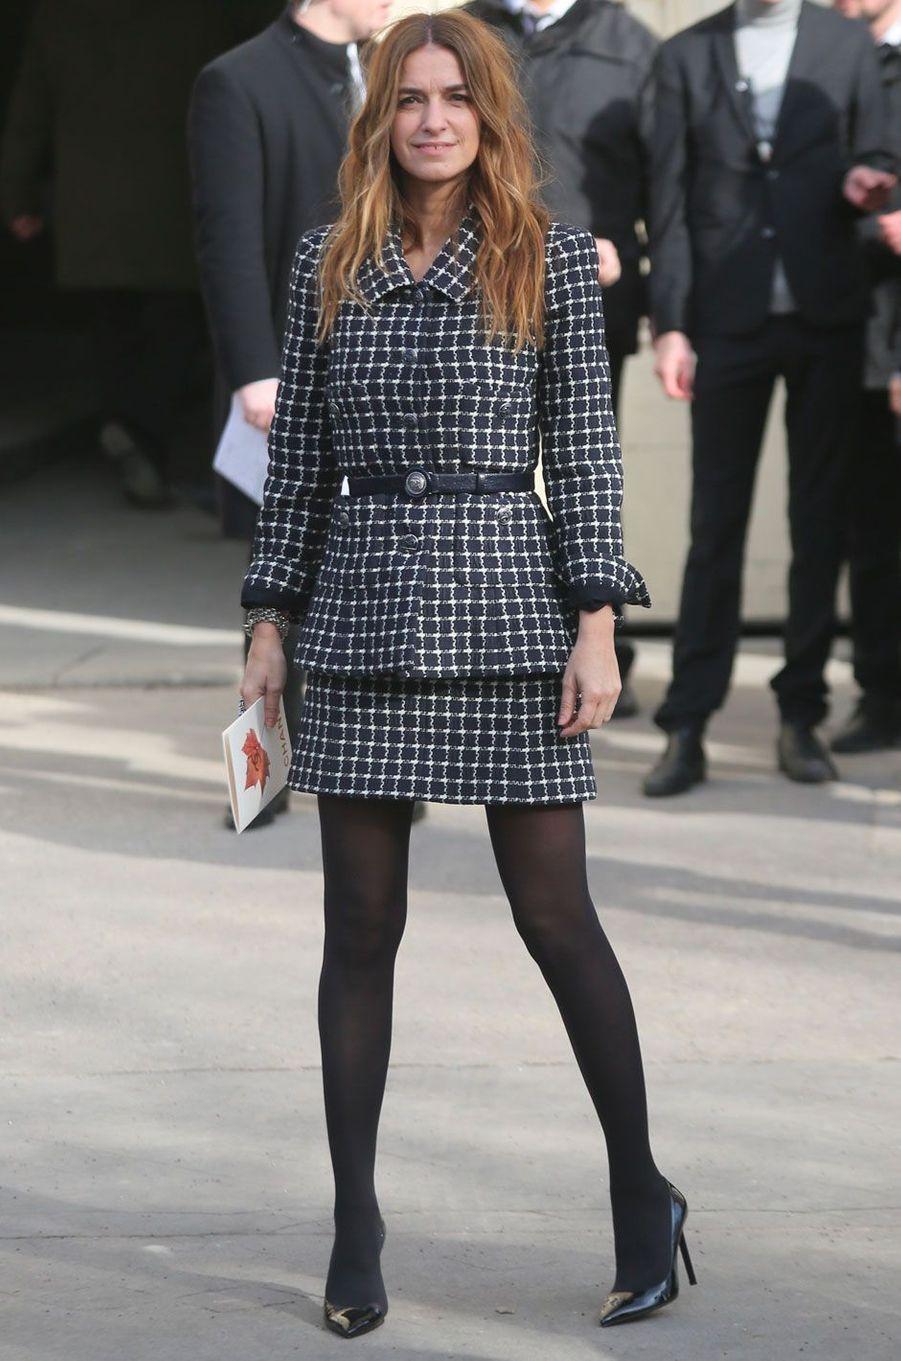 Joana Preiss au défilé Chanel, à Paris le 6 mars 2018